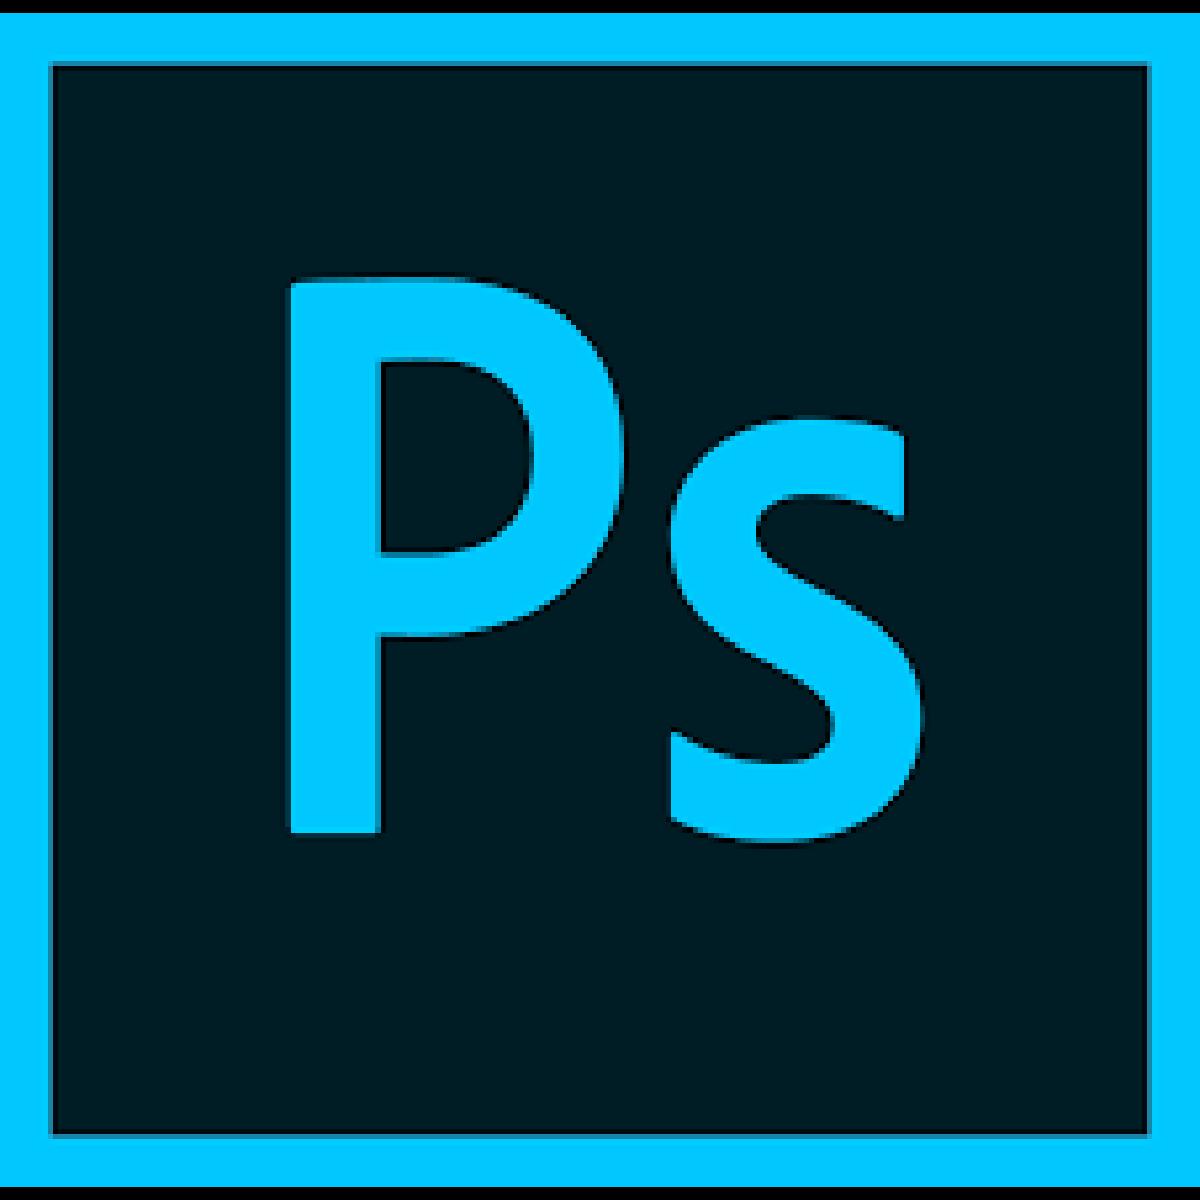 Daftar Lengkap Pintasan atau Shortcut Adobe Photoshop